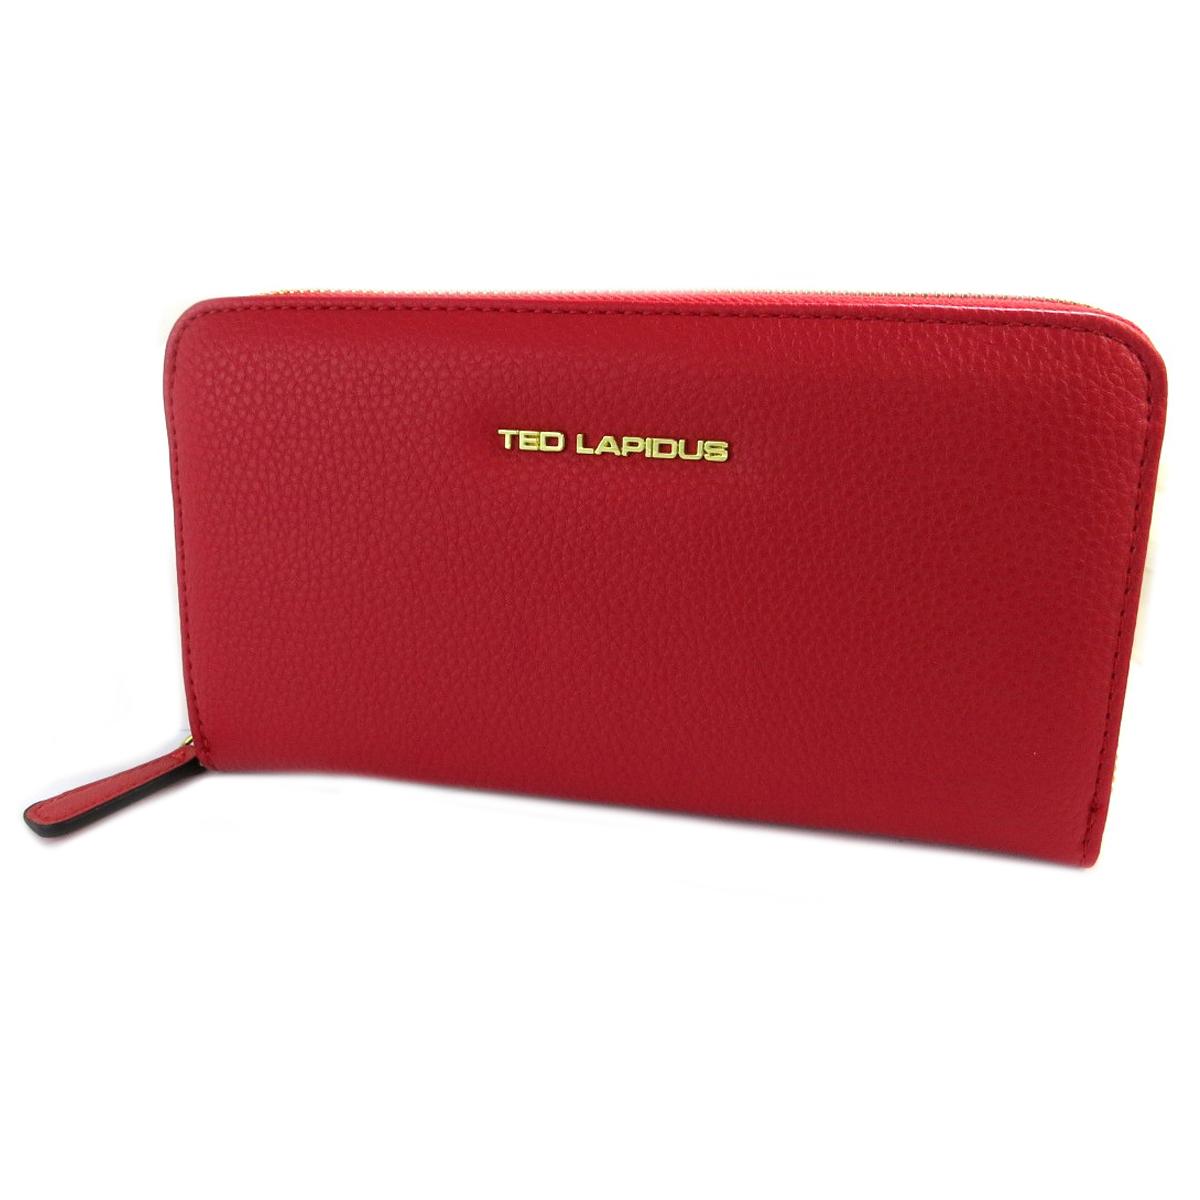 Compagnon zippé \'Ted Lapidus\' rouge - 20x11x2 cm - [Q2246]